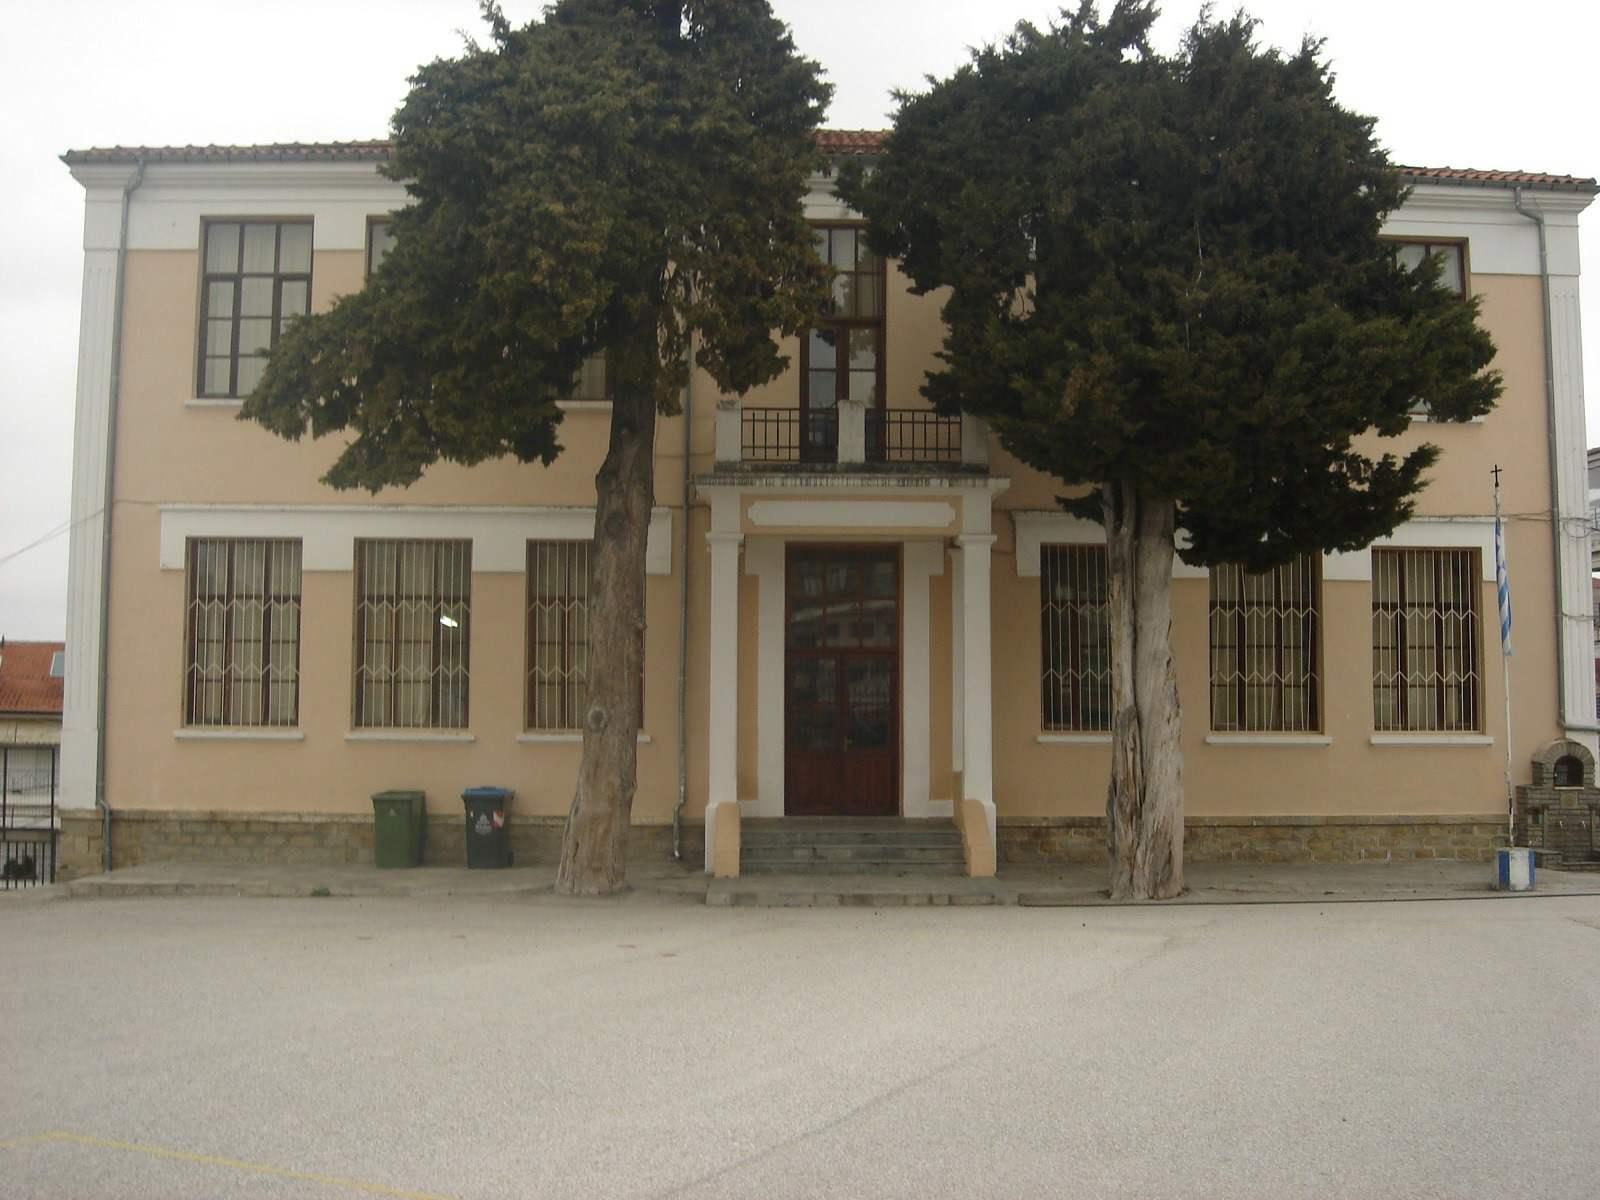 Δήμος Βοΐου: Ένταξη των Πράξεων για την Ενεργειακή Αναβάθμιση των Δημοτικών Σχολείων Νεάπολης και Τσοτυλίου – Συνολικής Χρηματοδότησης ύψους 1.136.627,07€